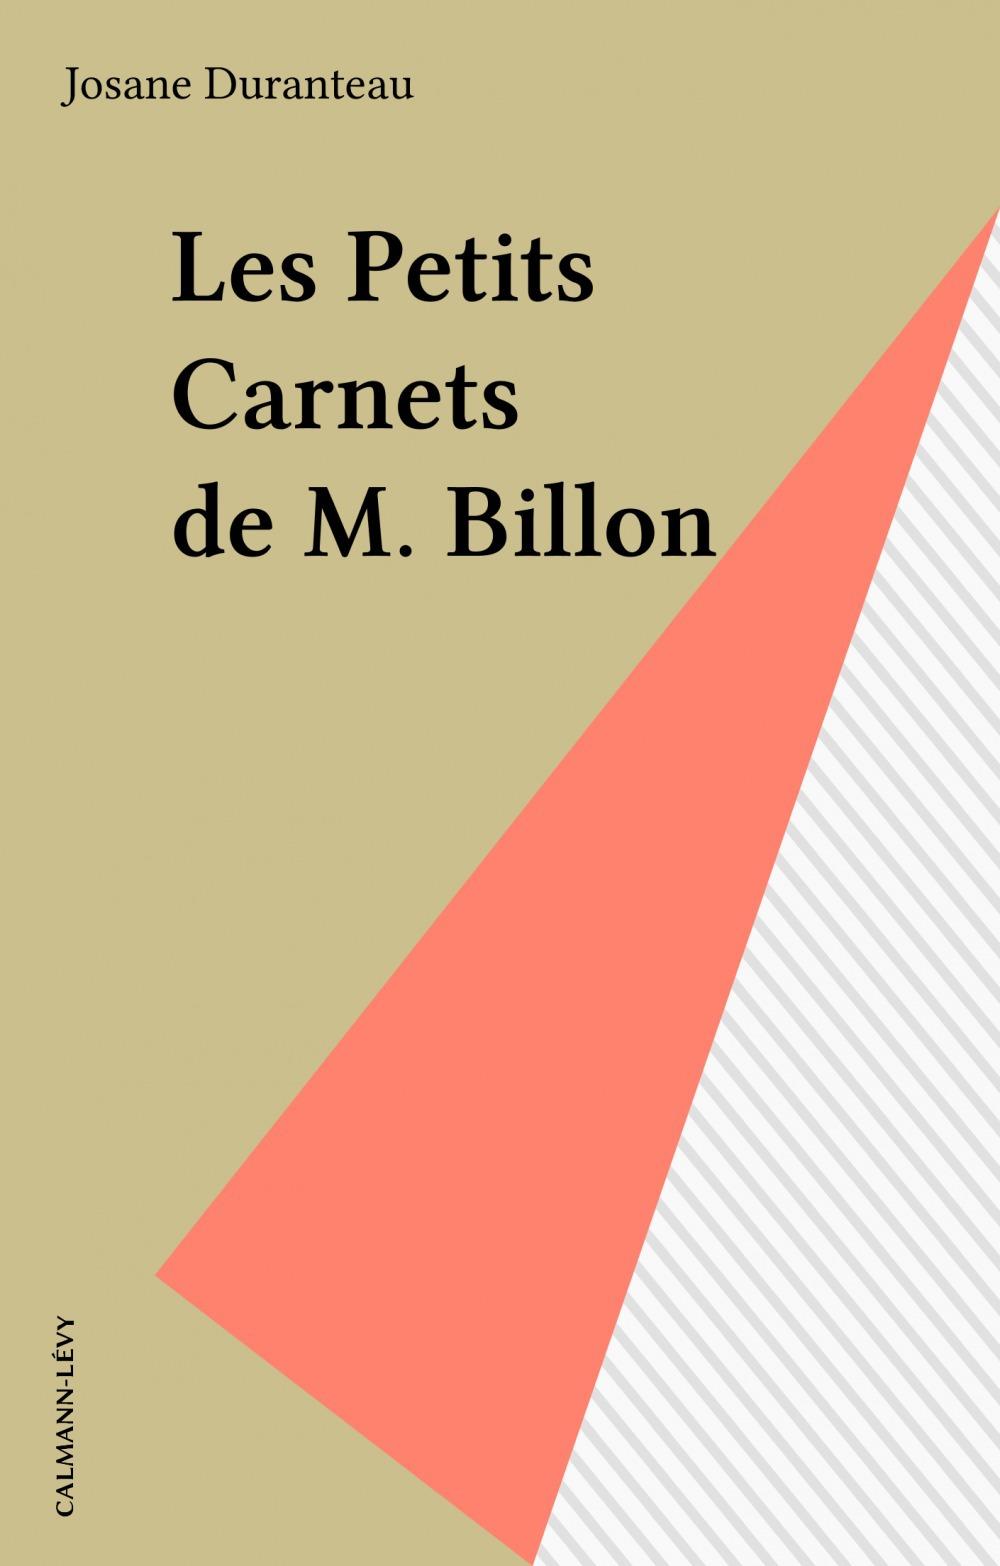 Les Petits Carnets de M. Billon